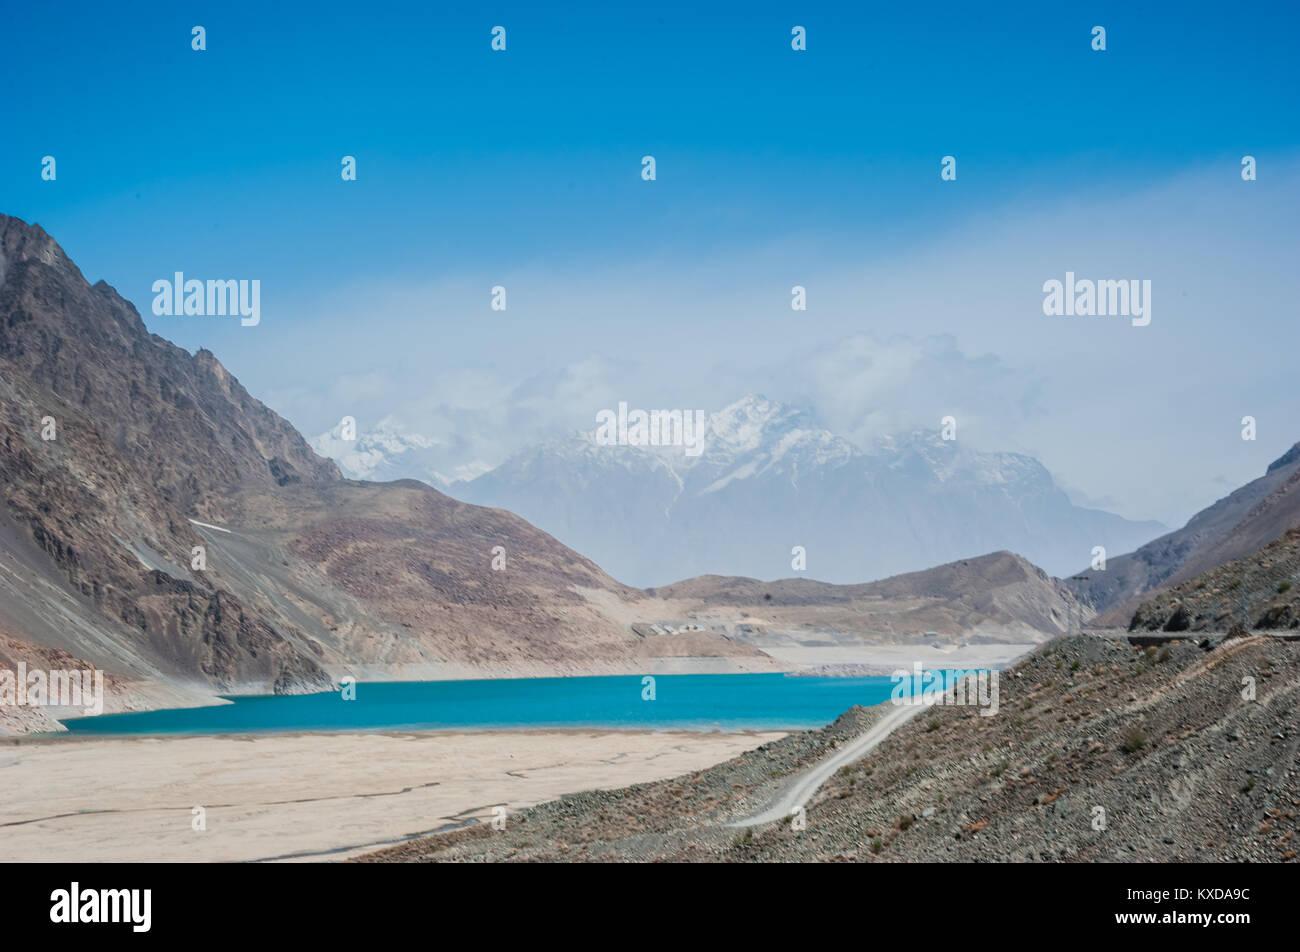 Satpara Lake,Skardu ,Gilgit and Baltistan, Pakistan - Stock Image